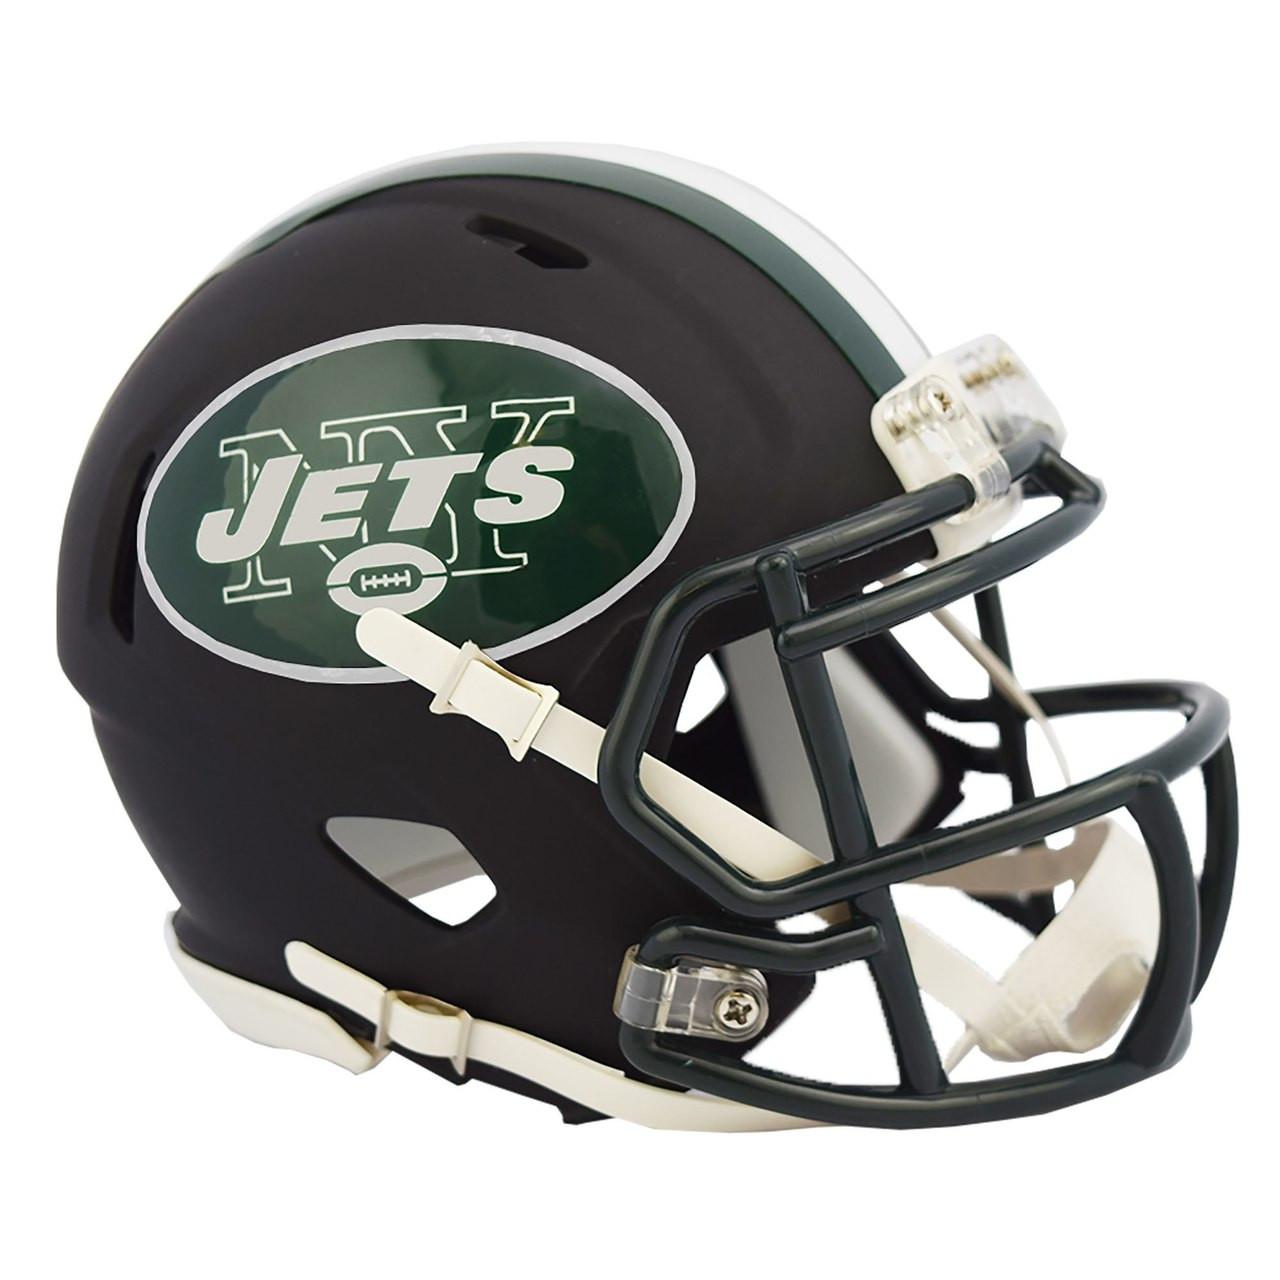 1e84e72aff0 Riddell New York Jets Black Matte Alternate Speed Mini Football ...